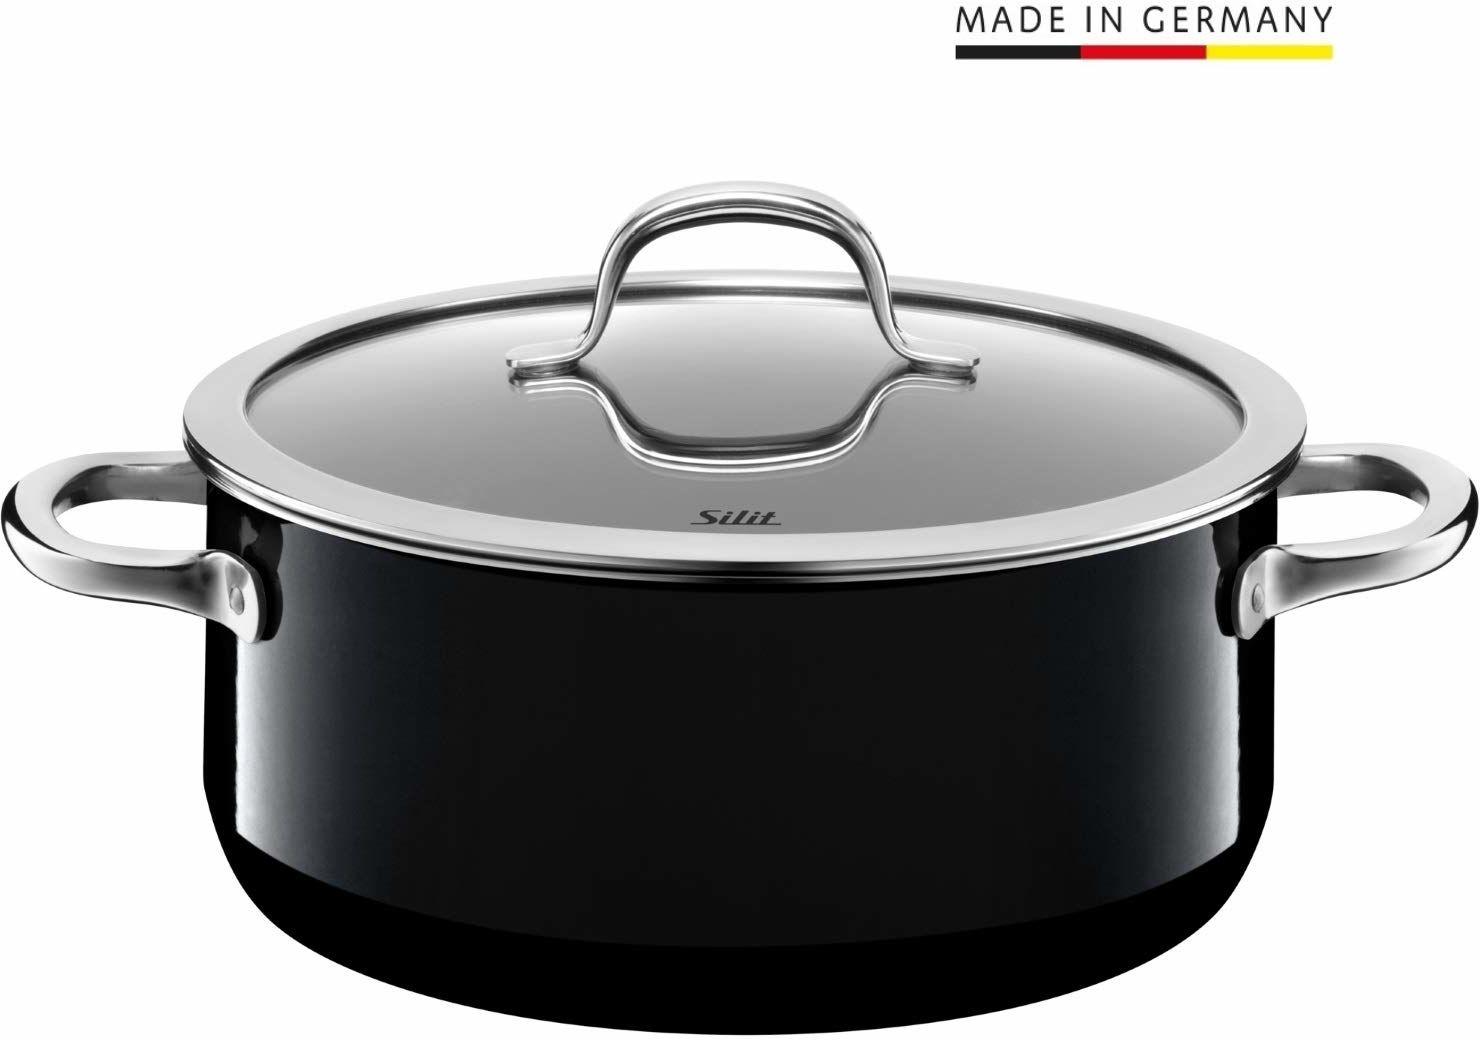 Silit Passion Black garnek do gotowania 24 cm, szklana pokrywka, garnek do pieczenia 4,4 l, Silargan, ceramika funkcyjna, garnek indukcyjny, czarny